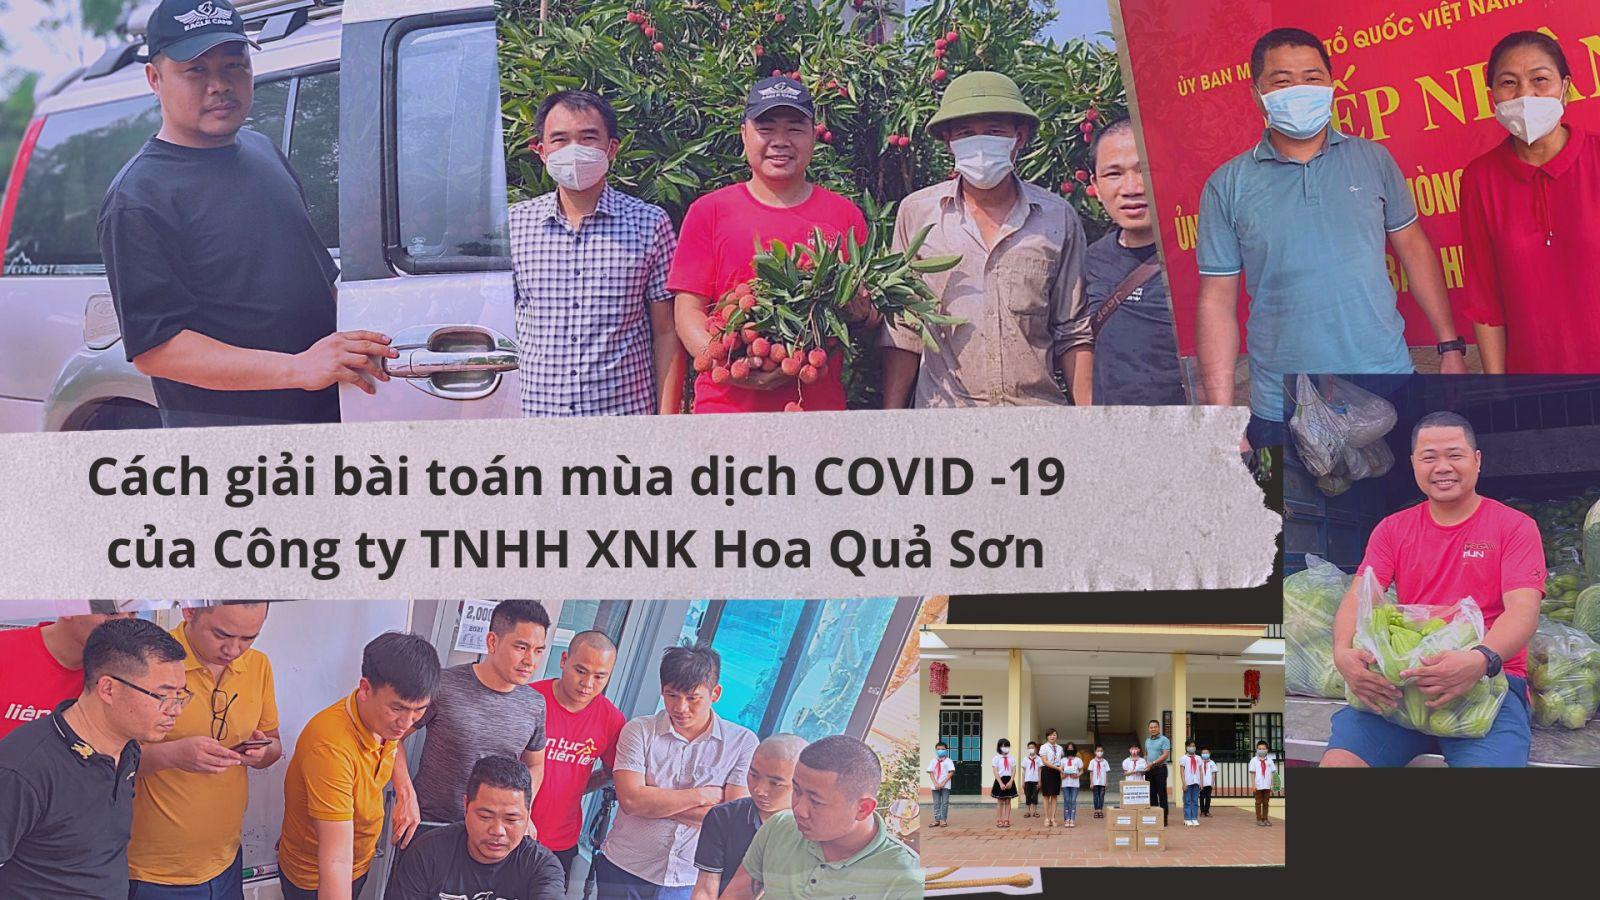 Bài 9: Cách giải bài toán mùa dịch COVID-19 của Công ty TNHH XNK Hoa Quả Sơn